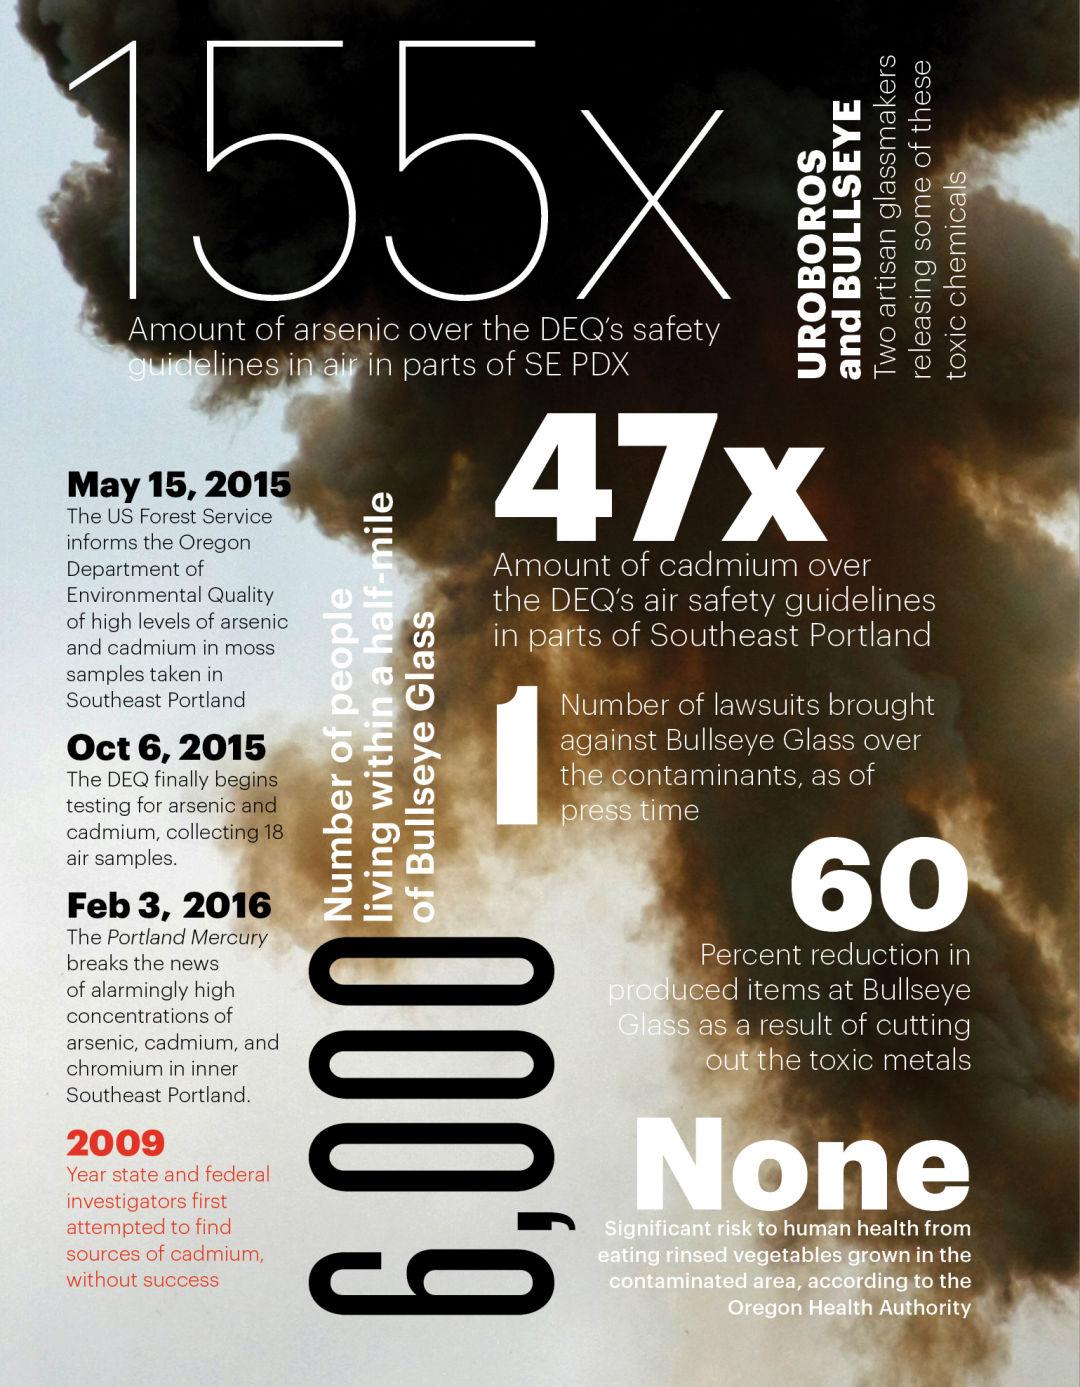 Pollution index i3rkrq